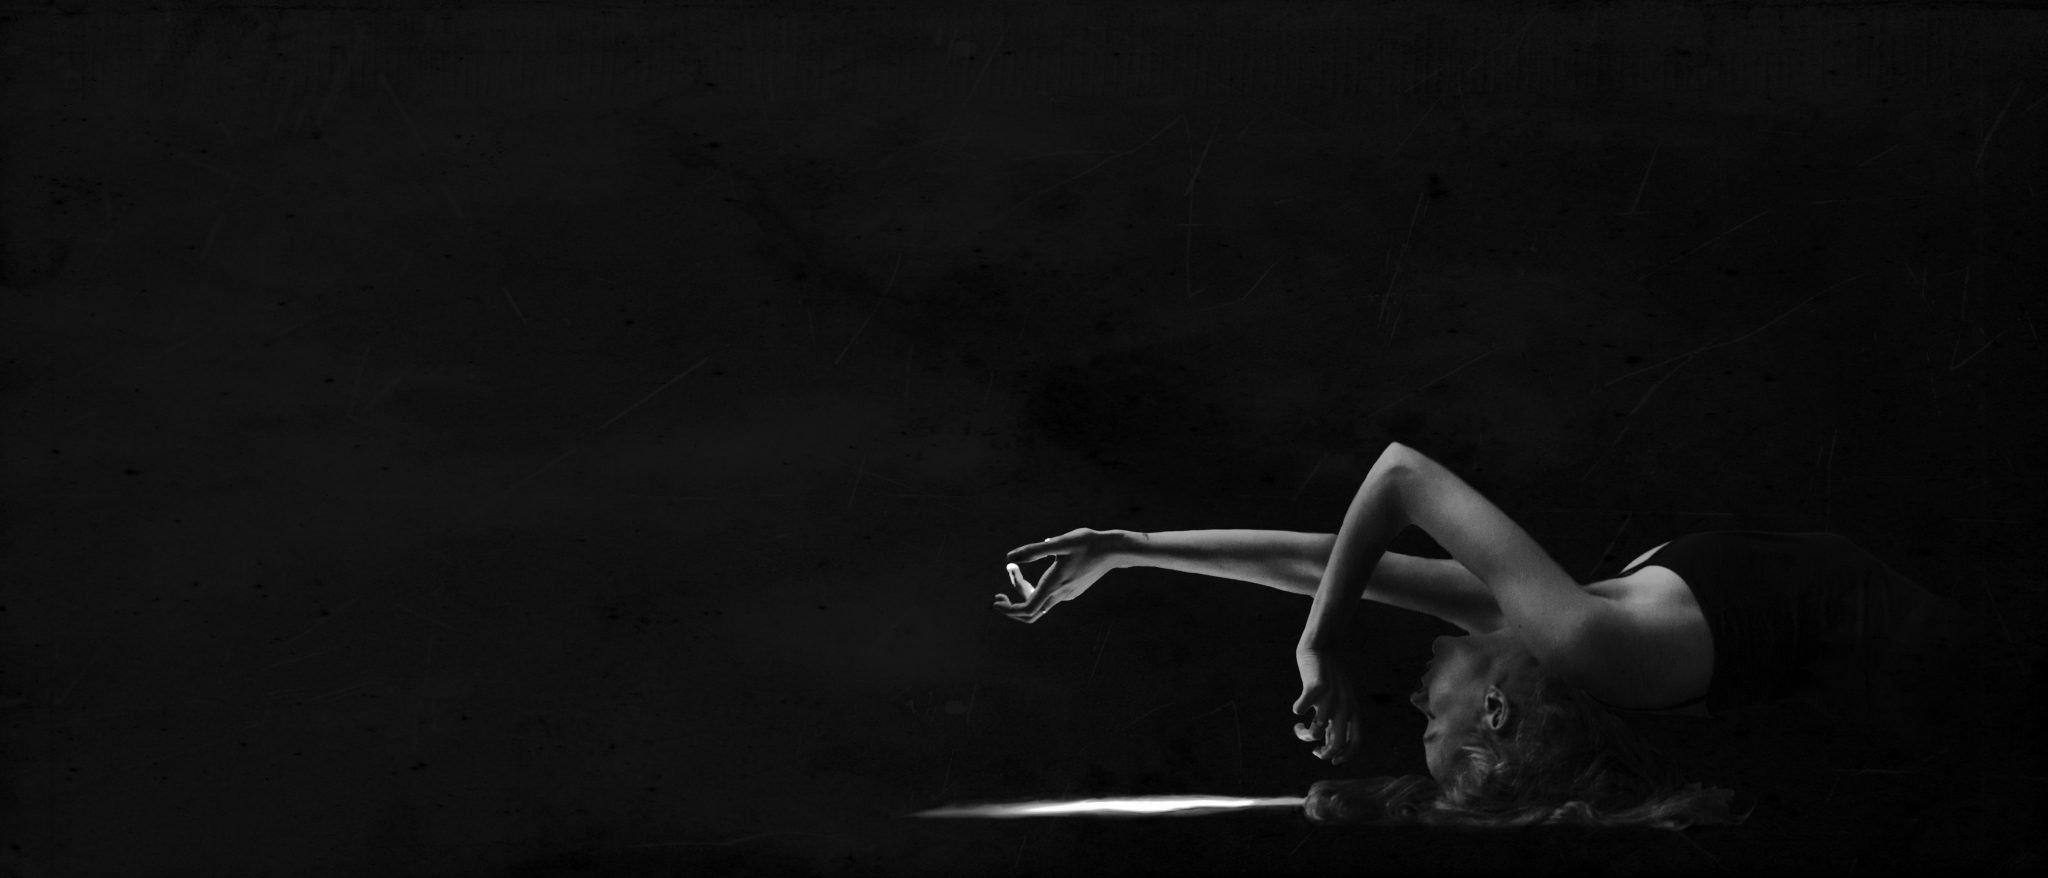 Dark Portrait Photography. | Videmus Art. Syd Wachs.